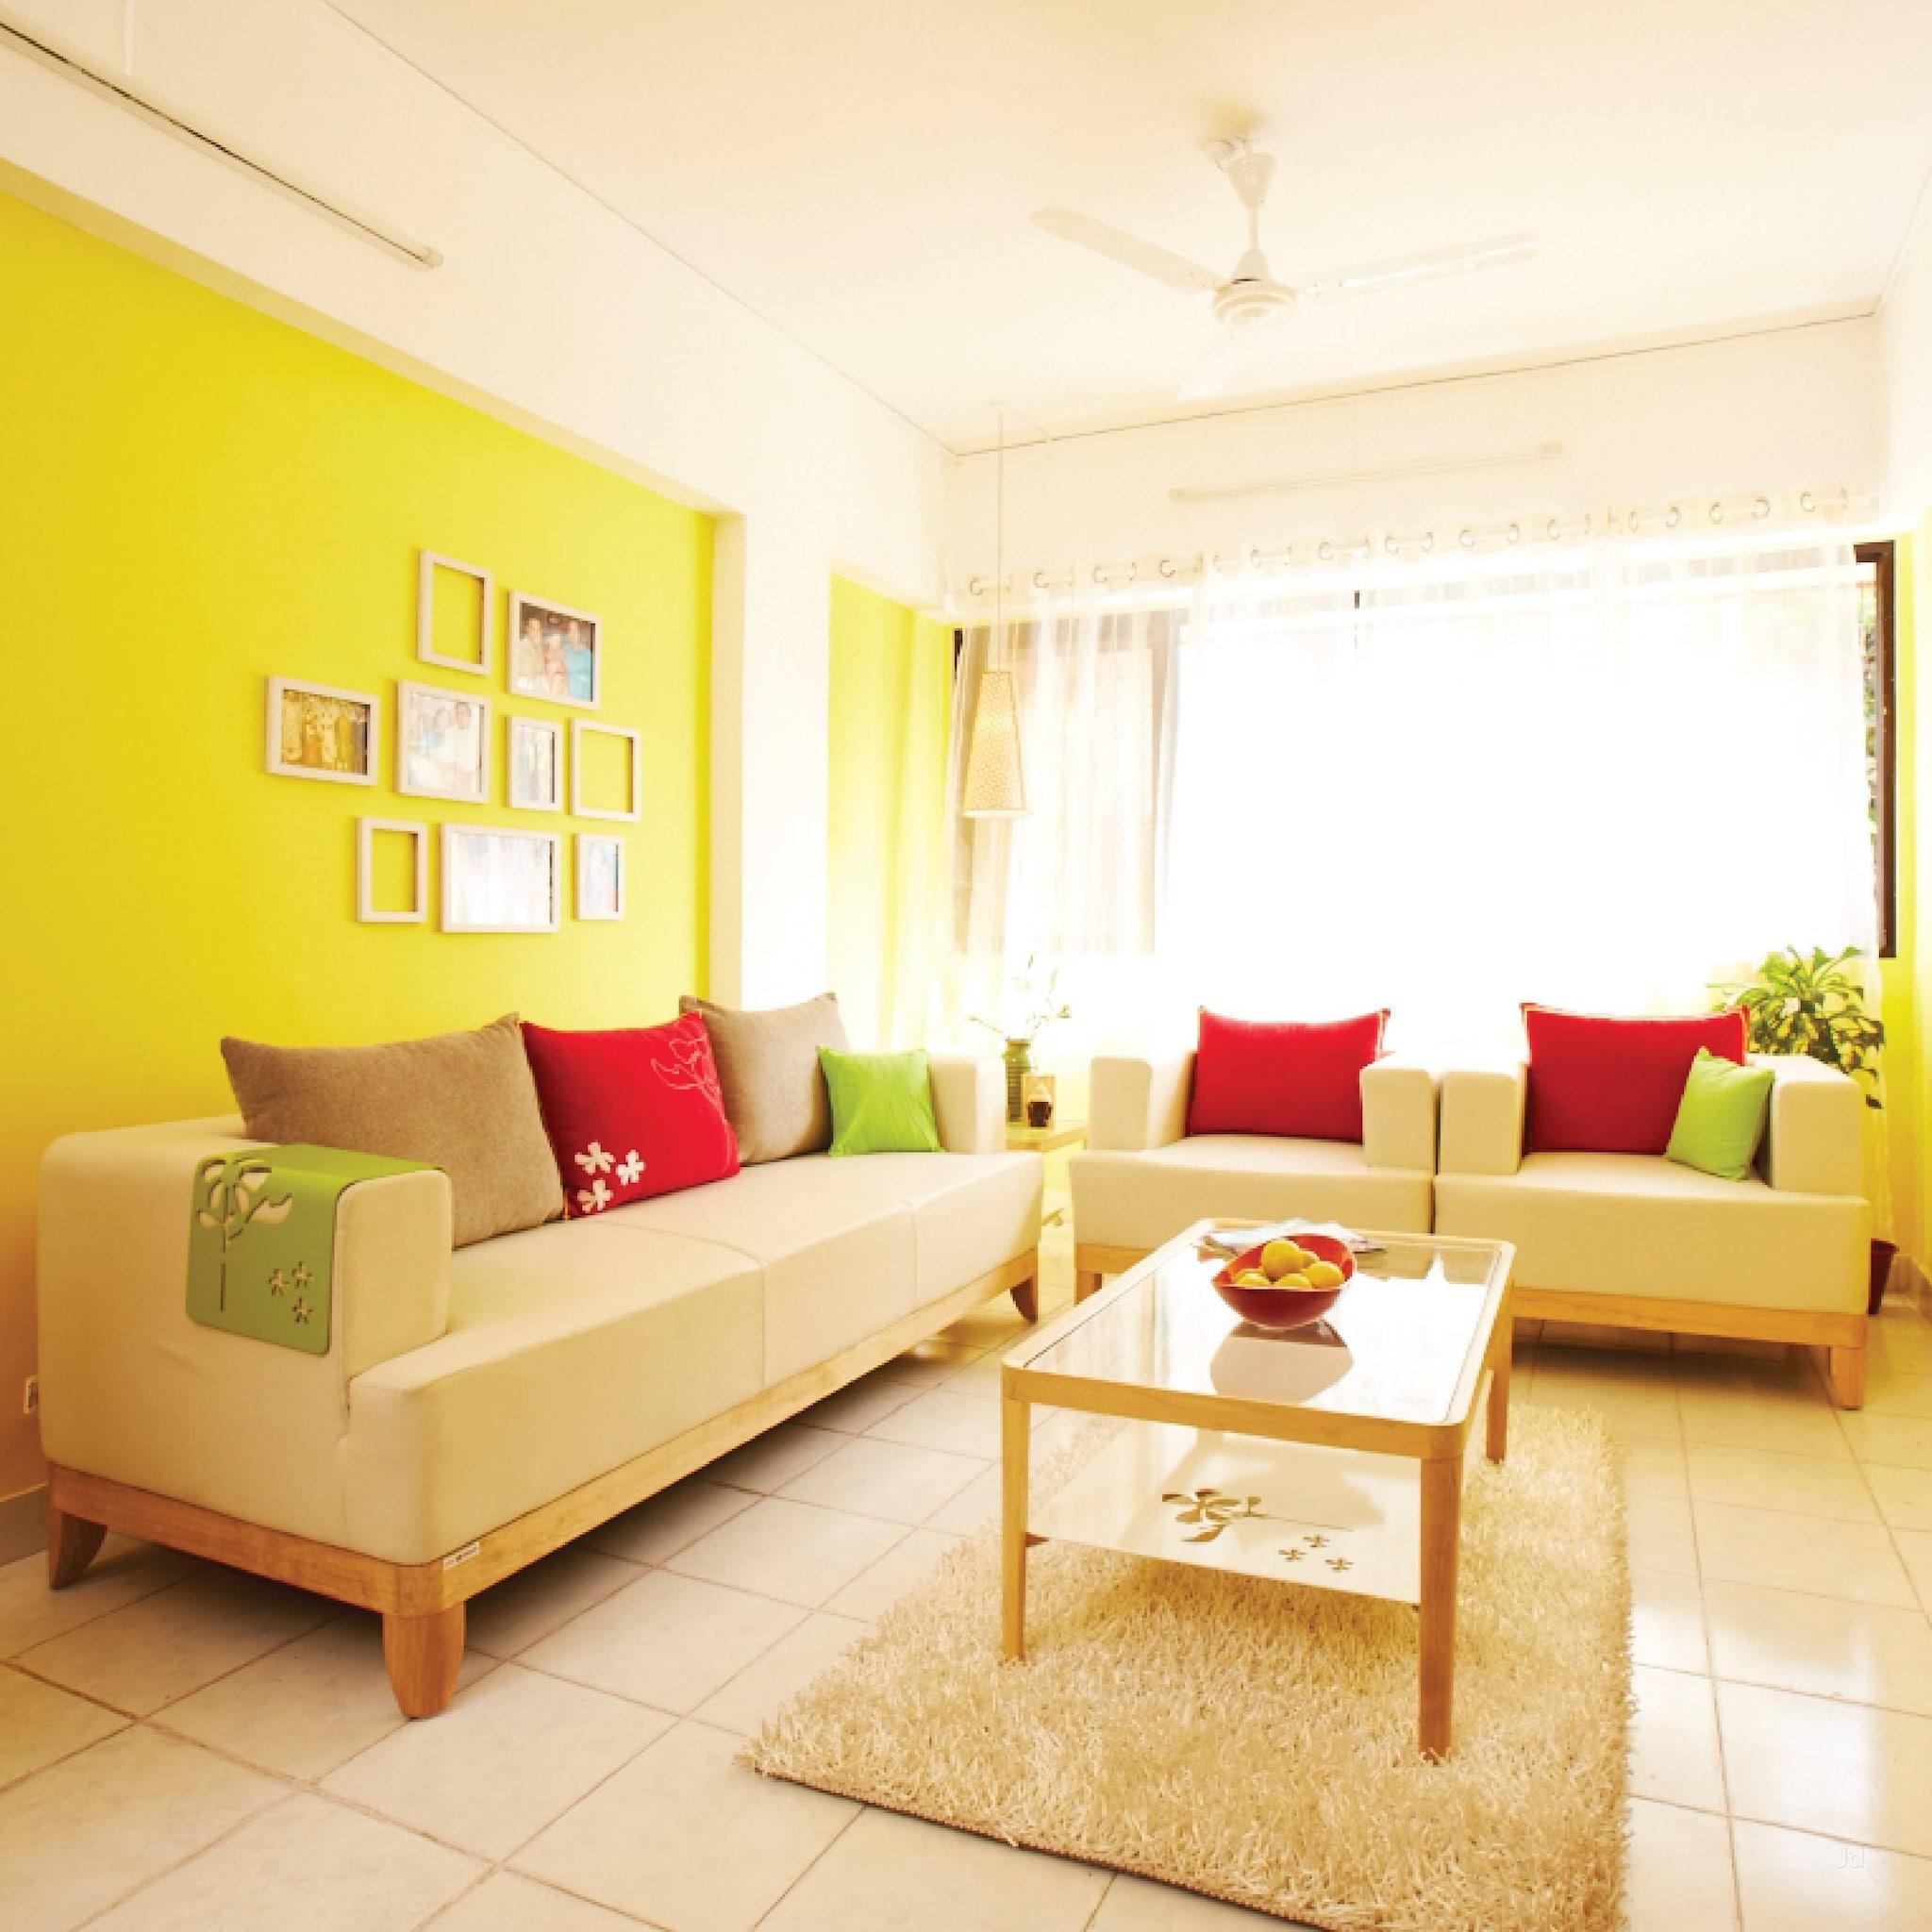 Major Furniture Stores: Top 100 Furniture Stores In Kirti Nagar, Delhi